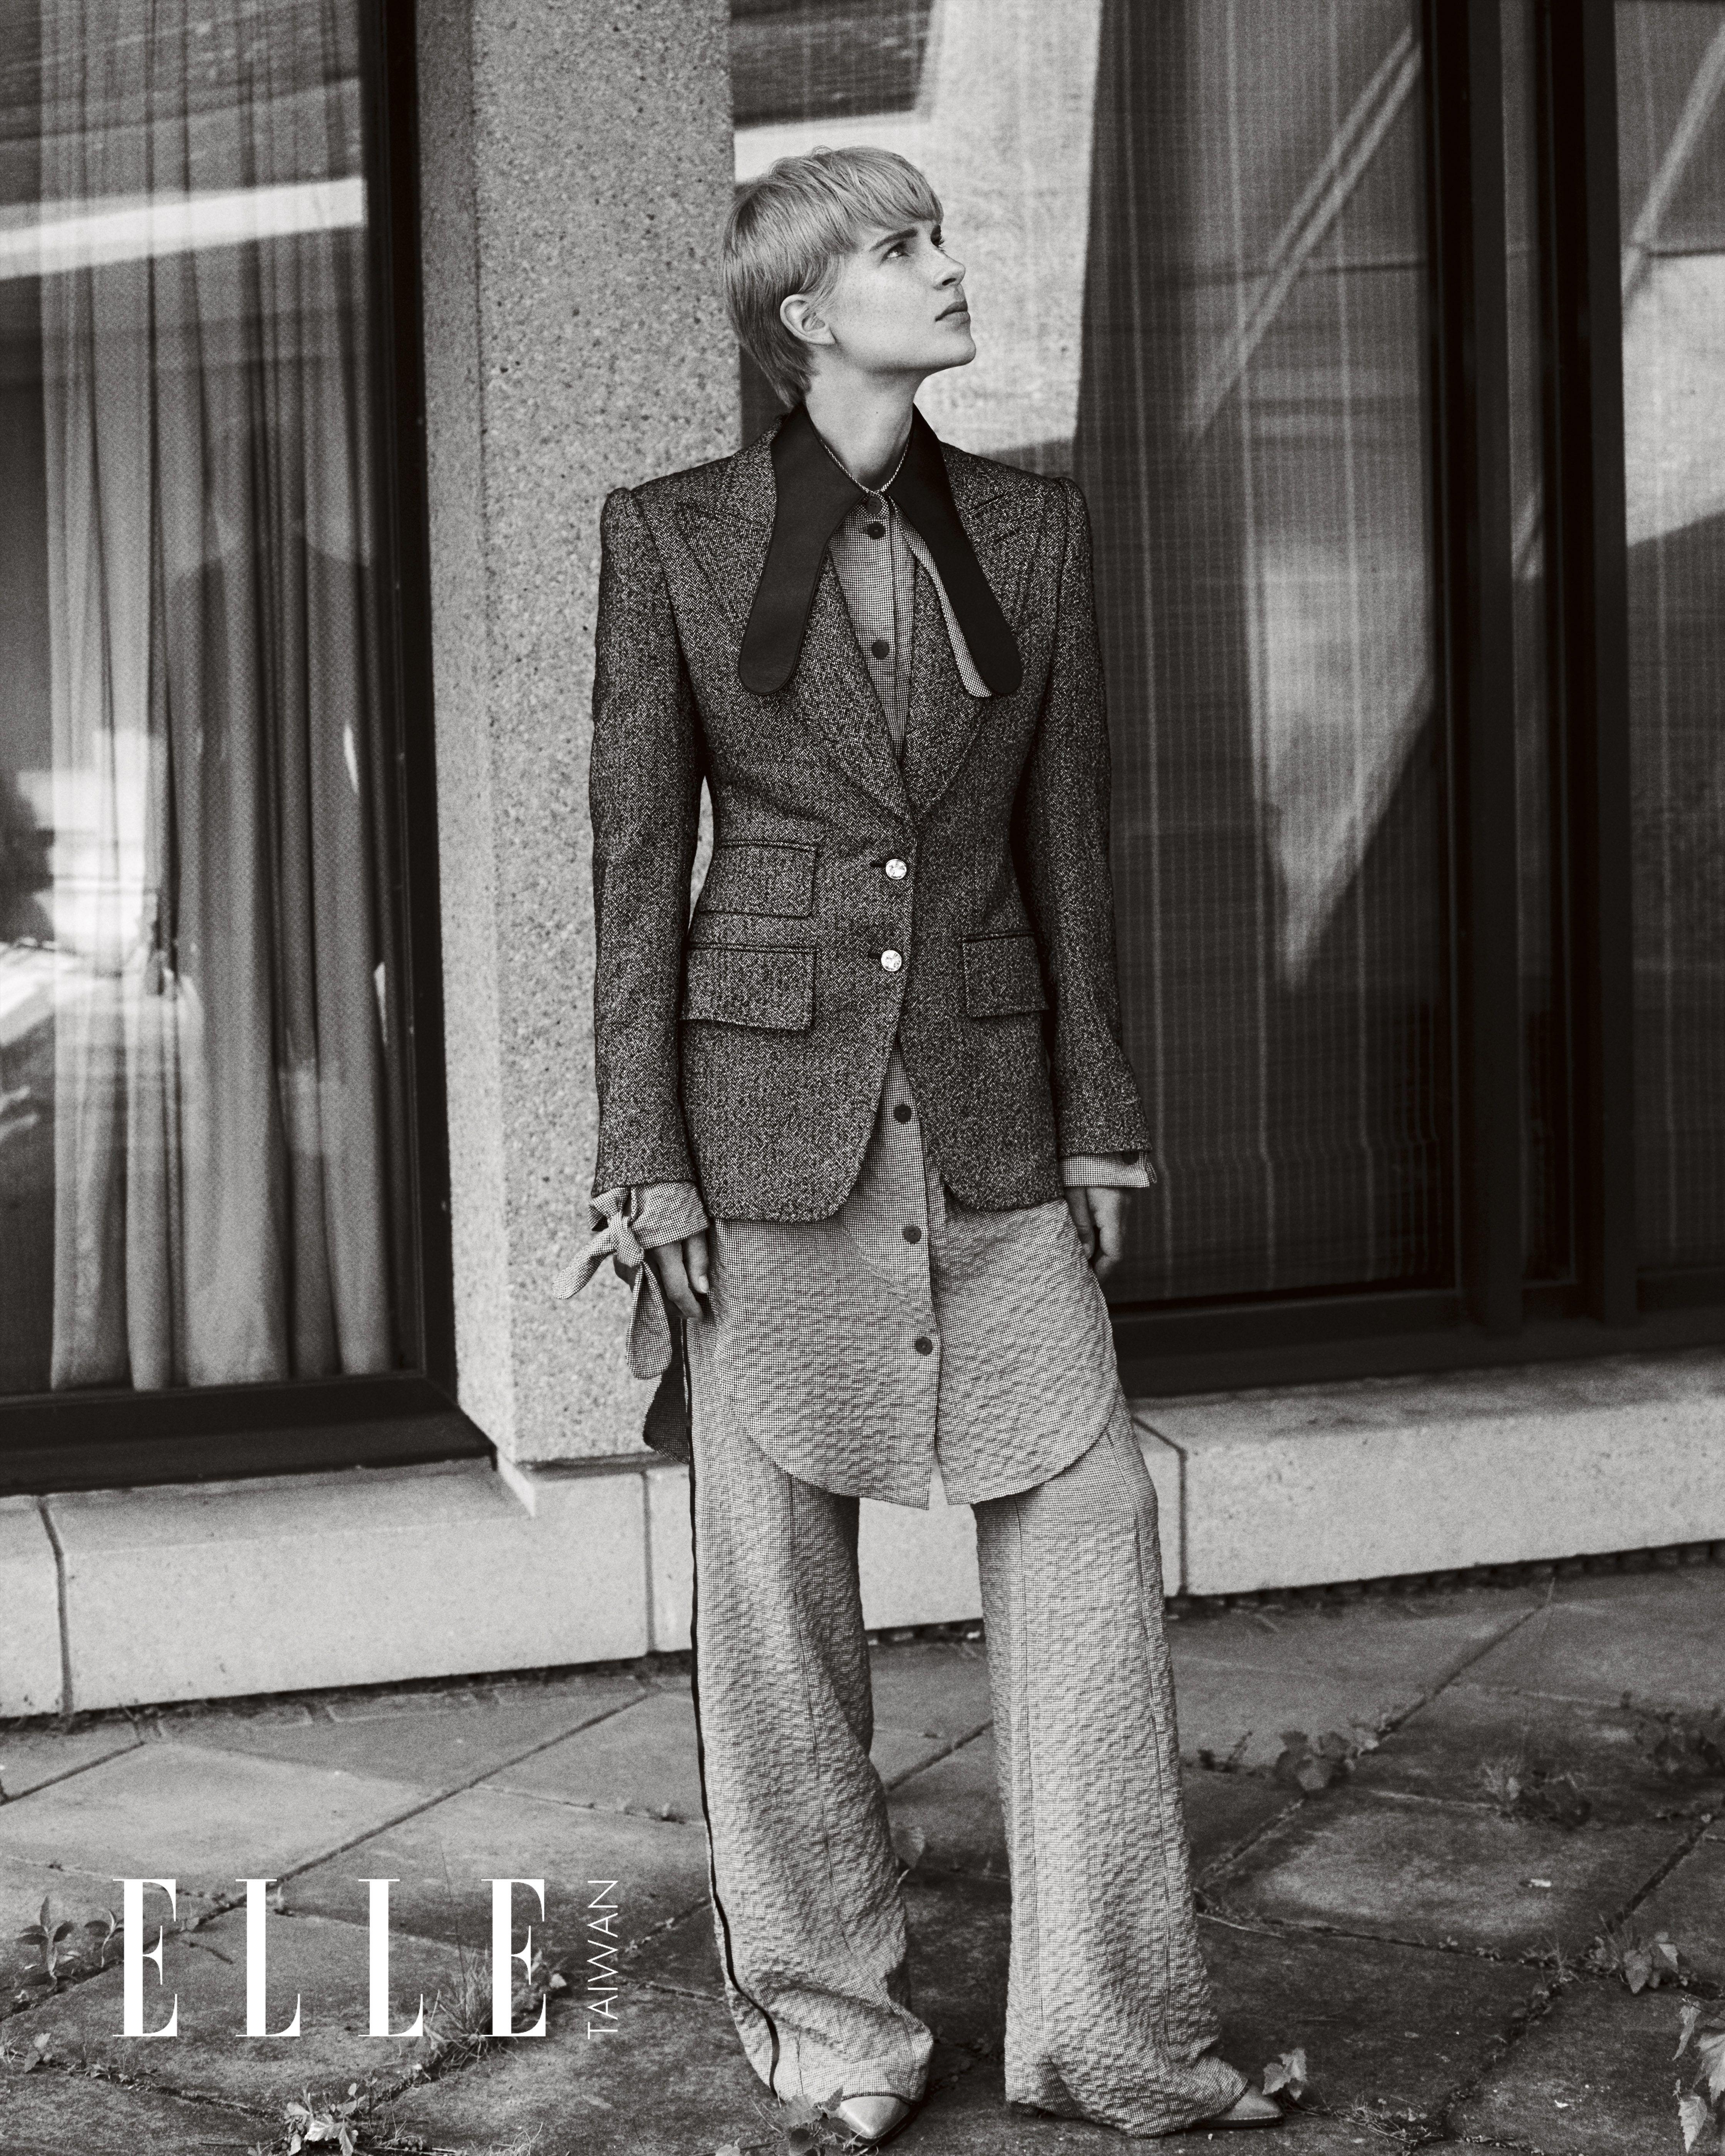 灰色大翻領單排扣西裝外套(TOM FORD);皮領單色襯衫、西褲(BOTH BY LOEWE);黃褐色皮靴(ISABEL MARANT)。